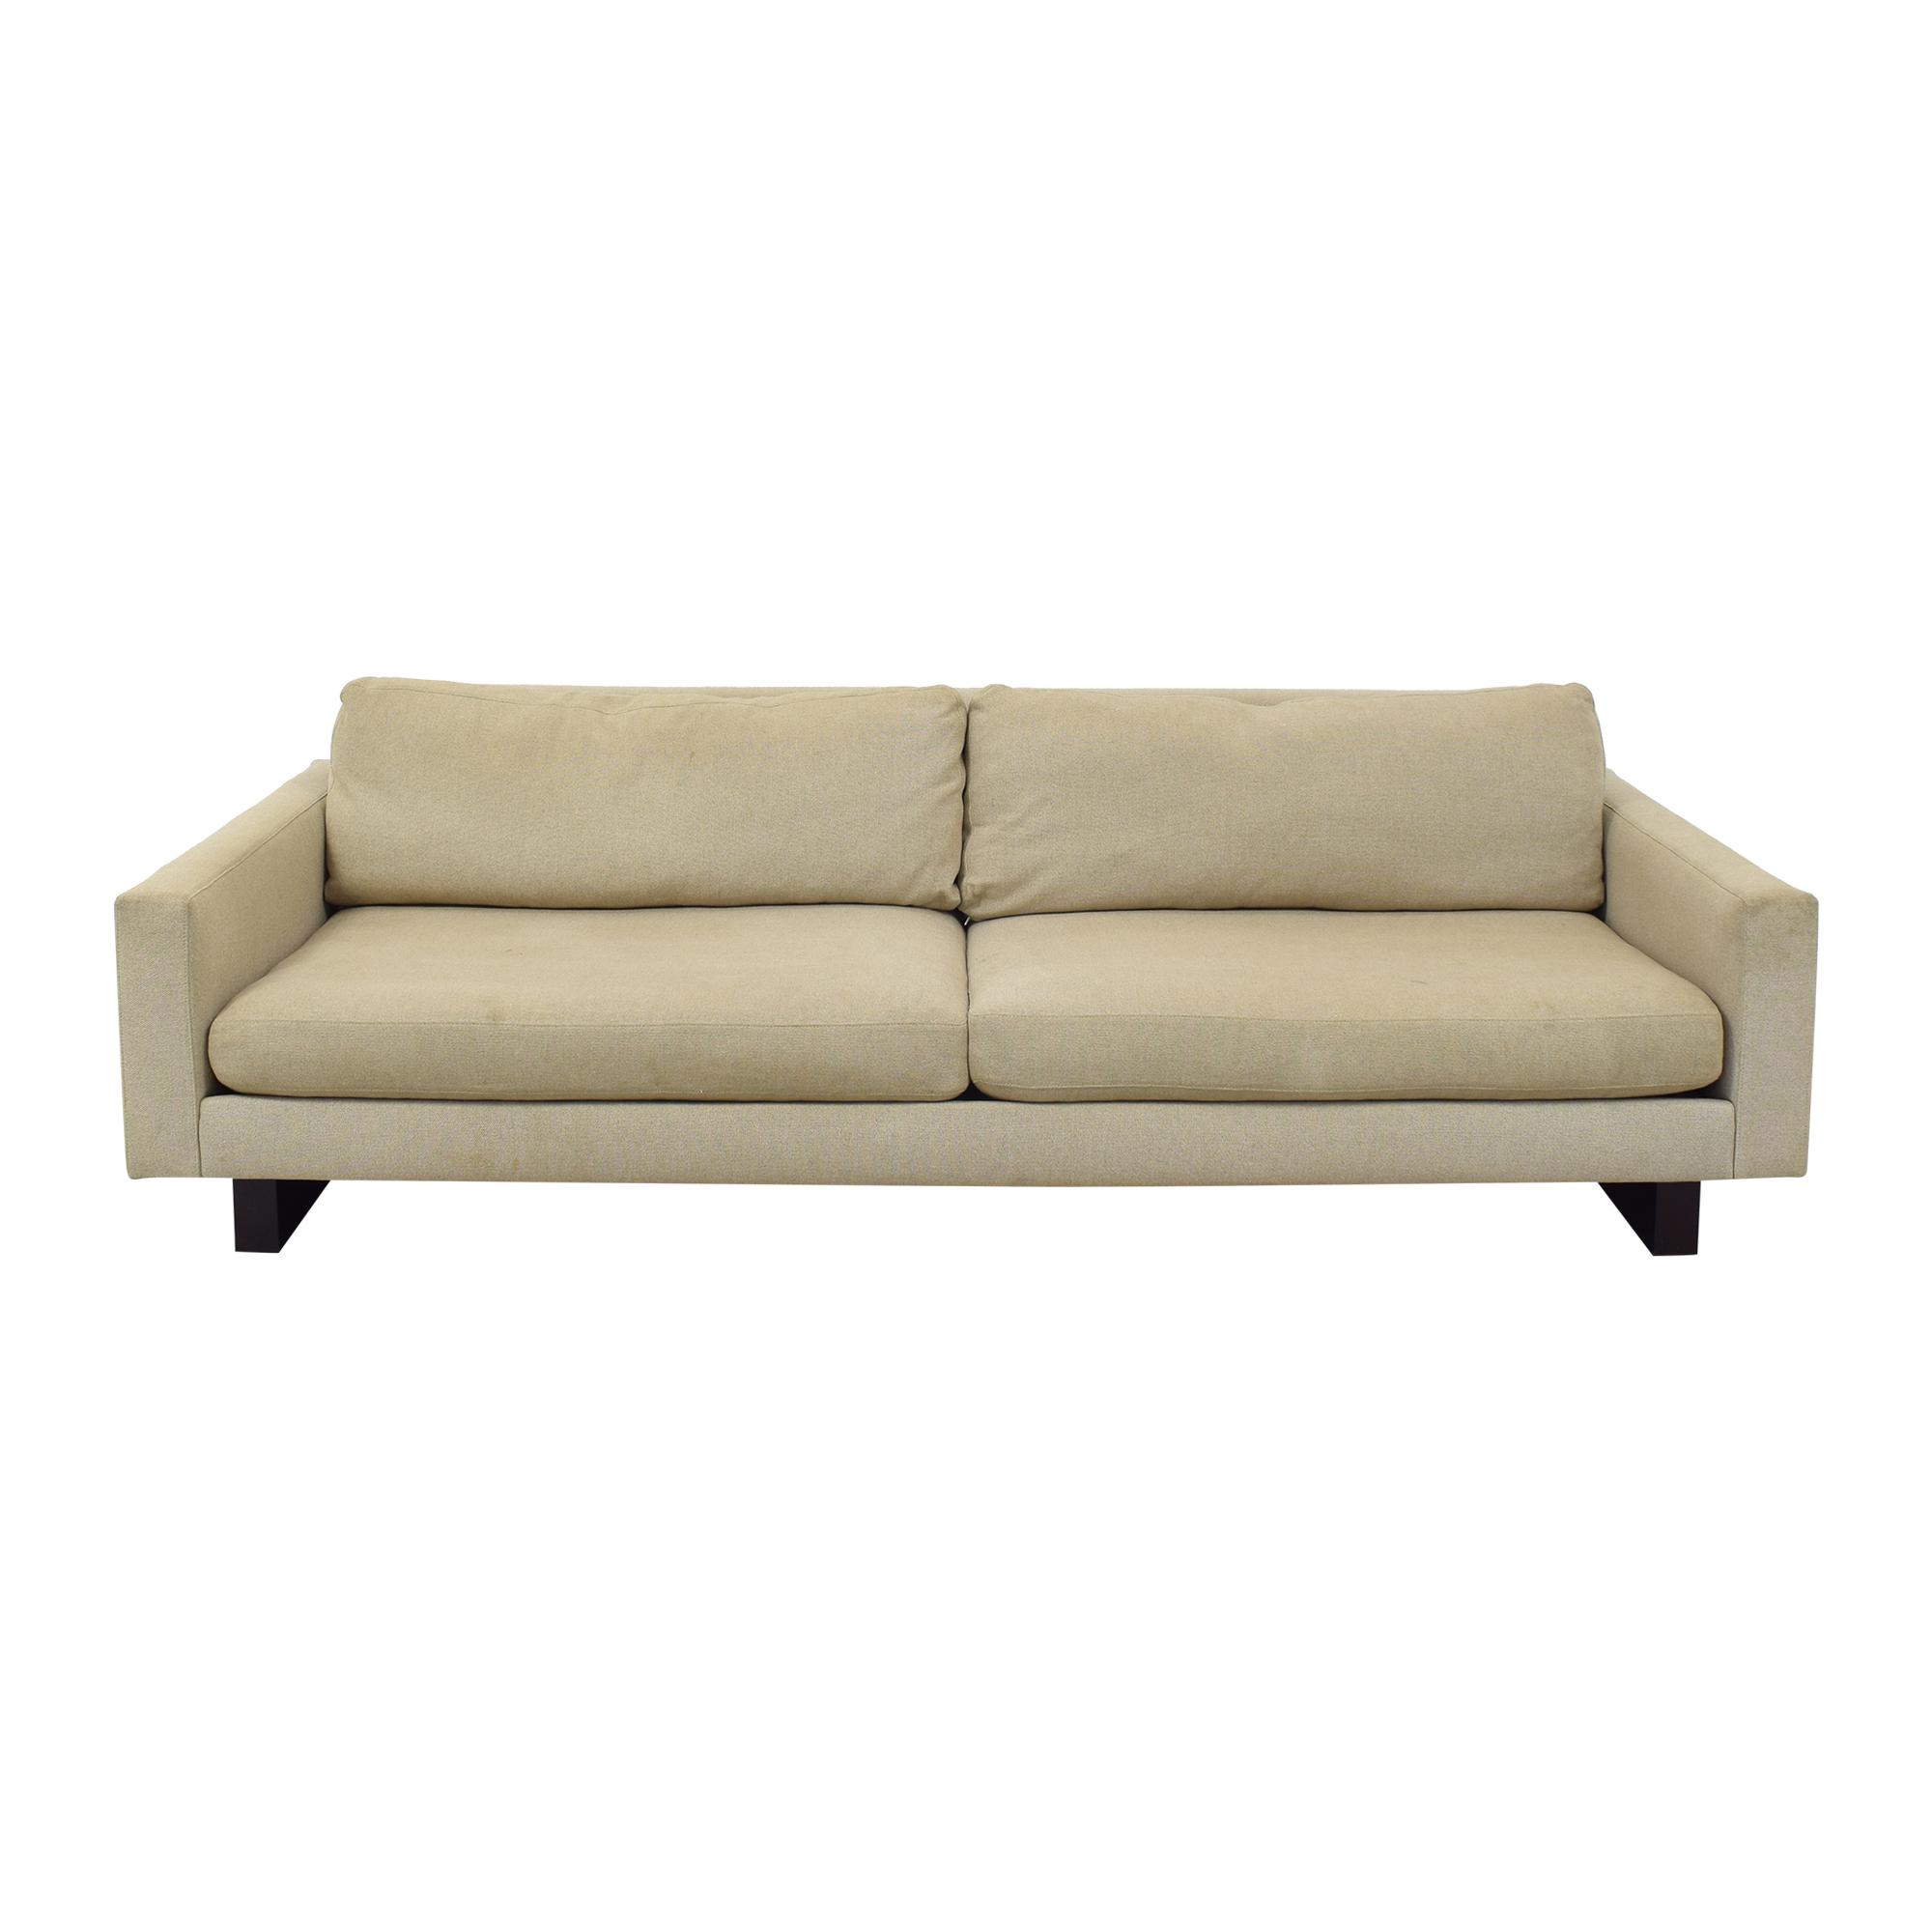 Room & Board Room & Board Hess Sofa